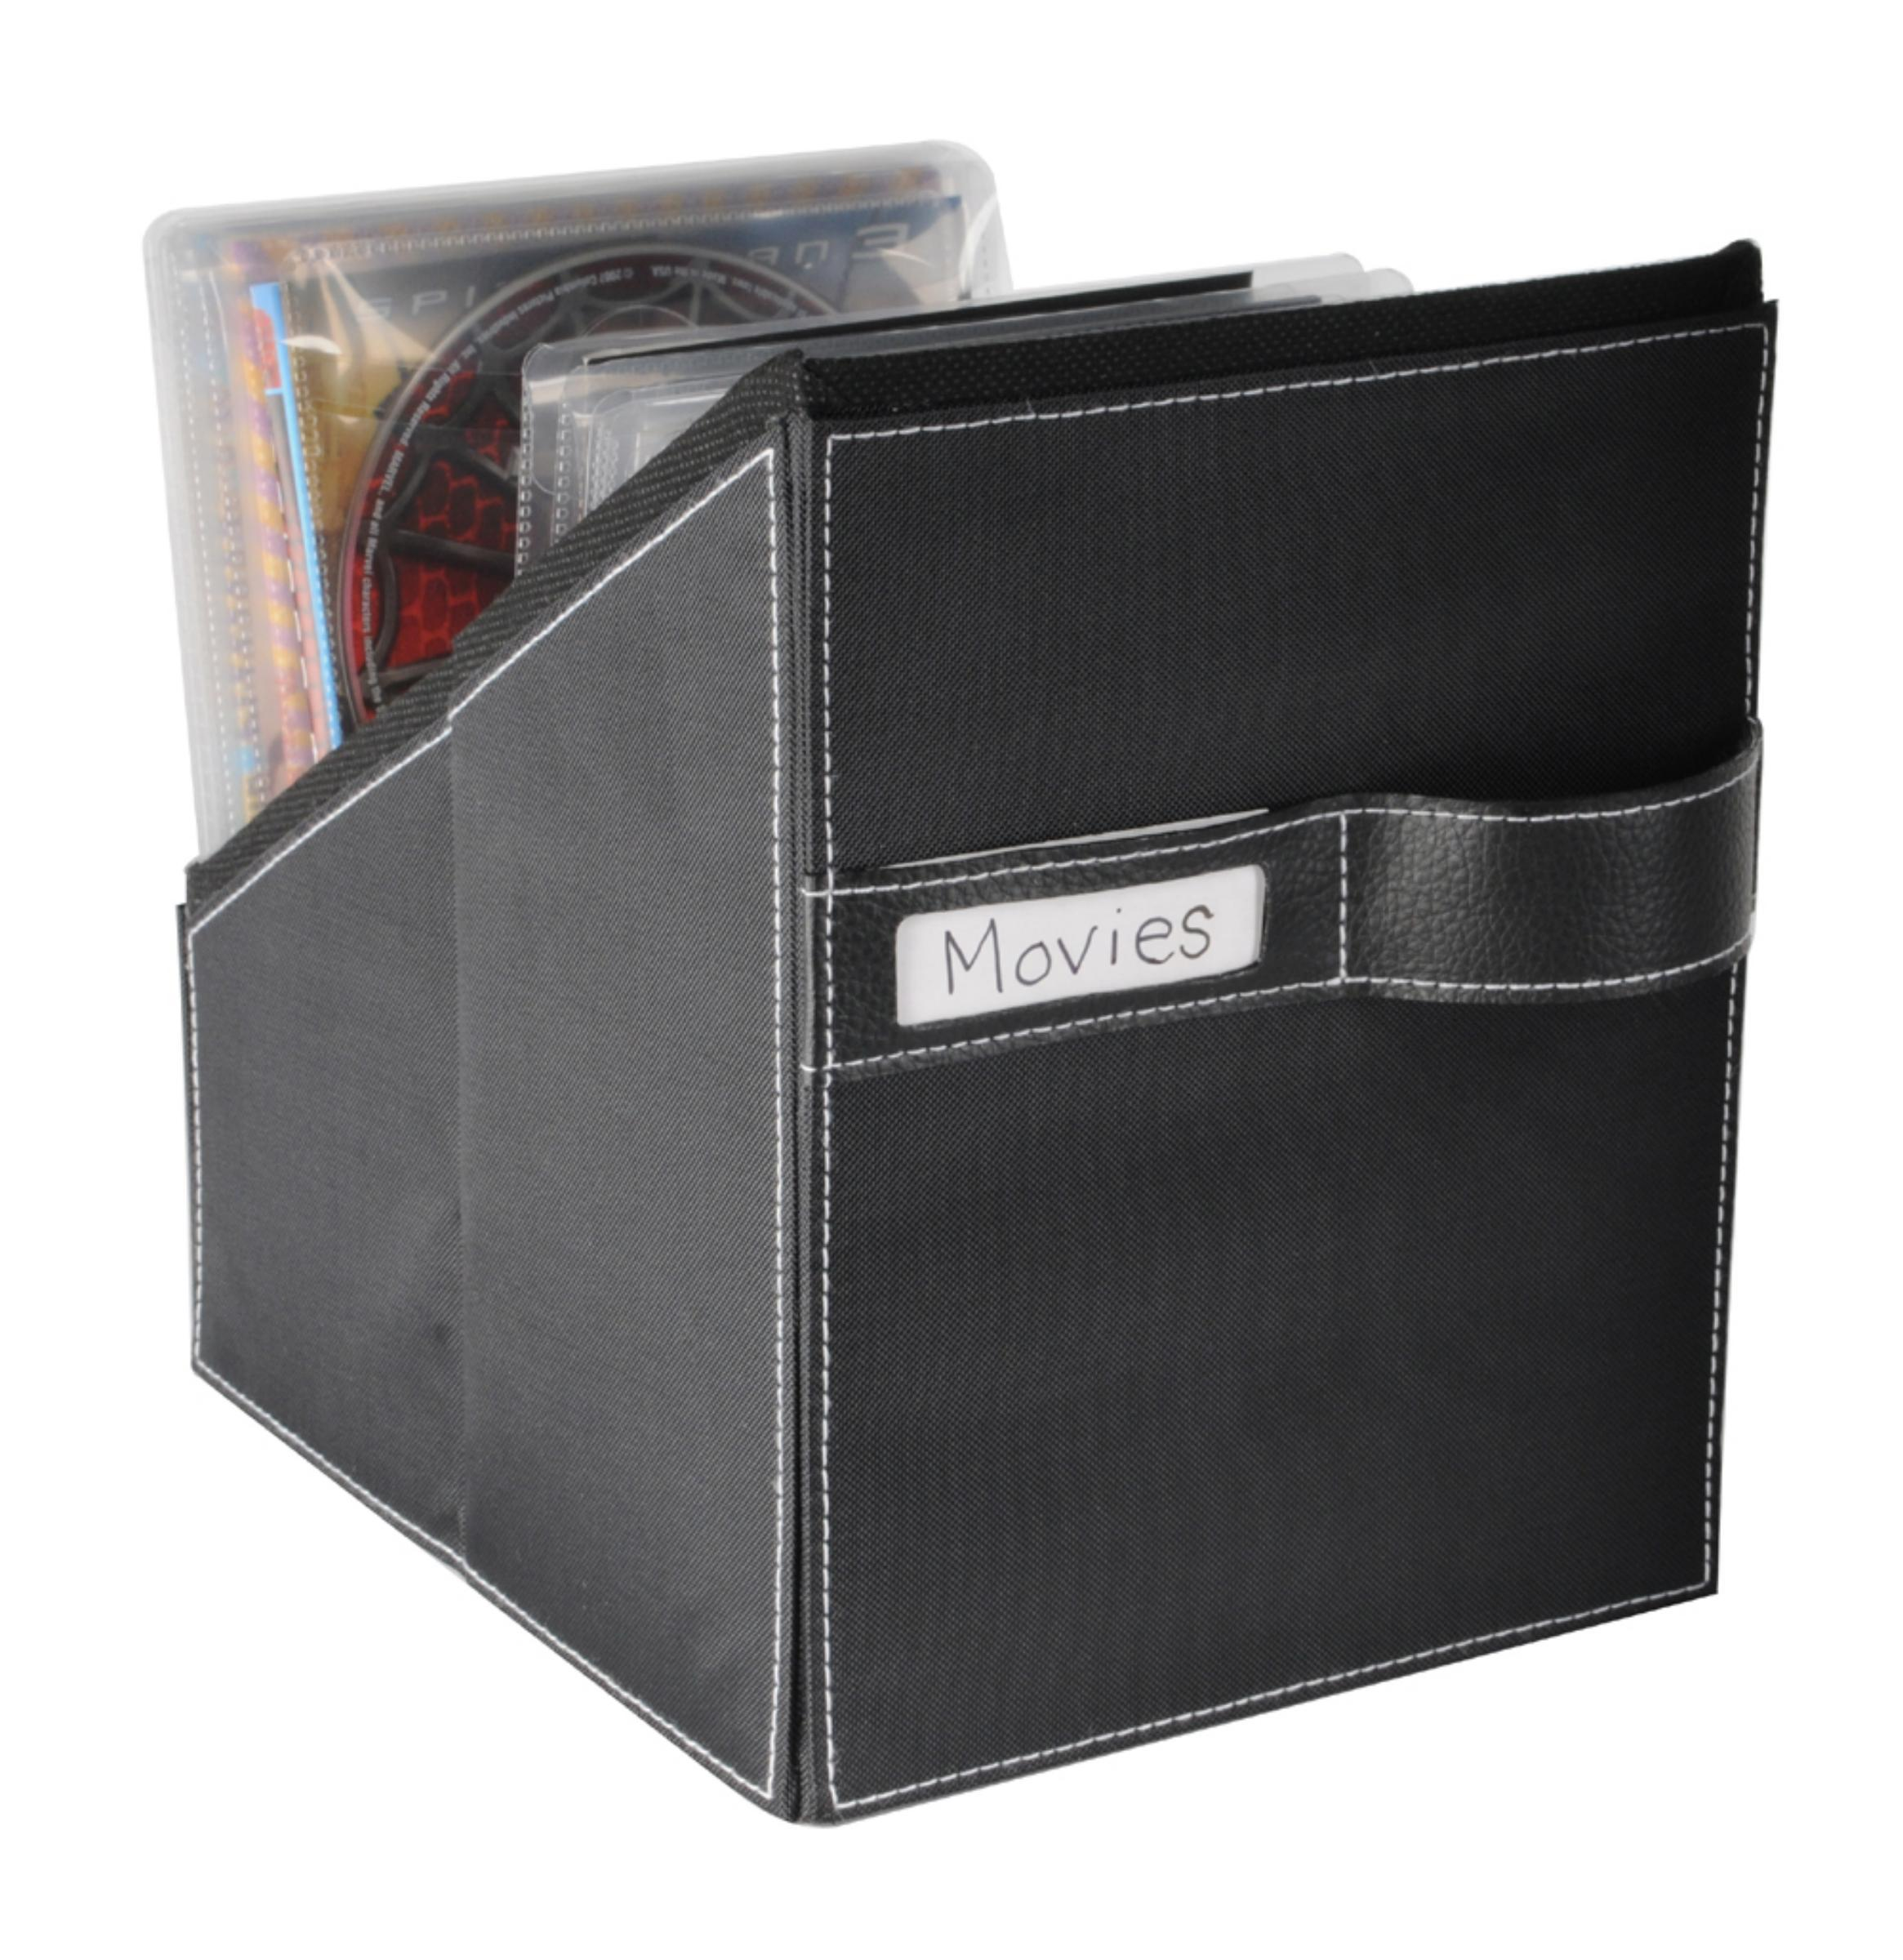 DarLiving Media Living 36- sleeve CD/ DVD Bins (Pack of 6)